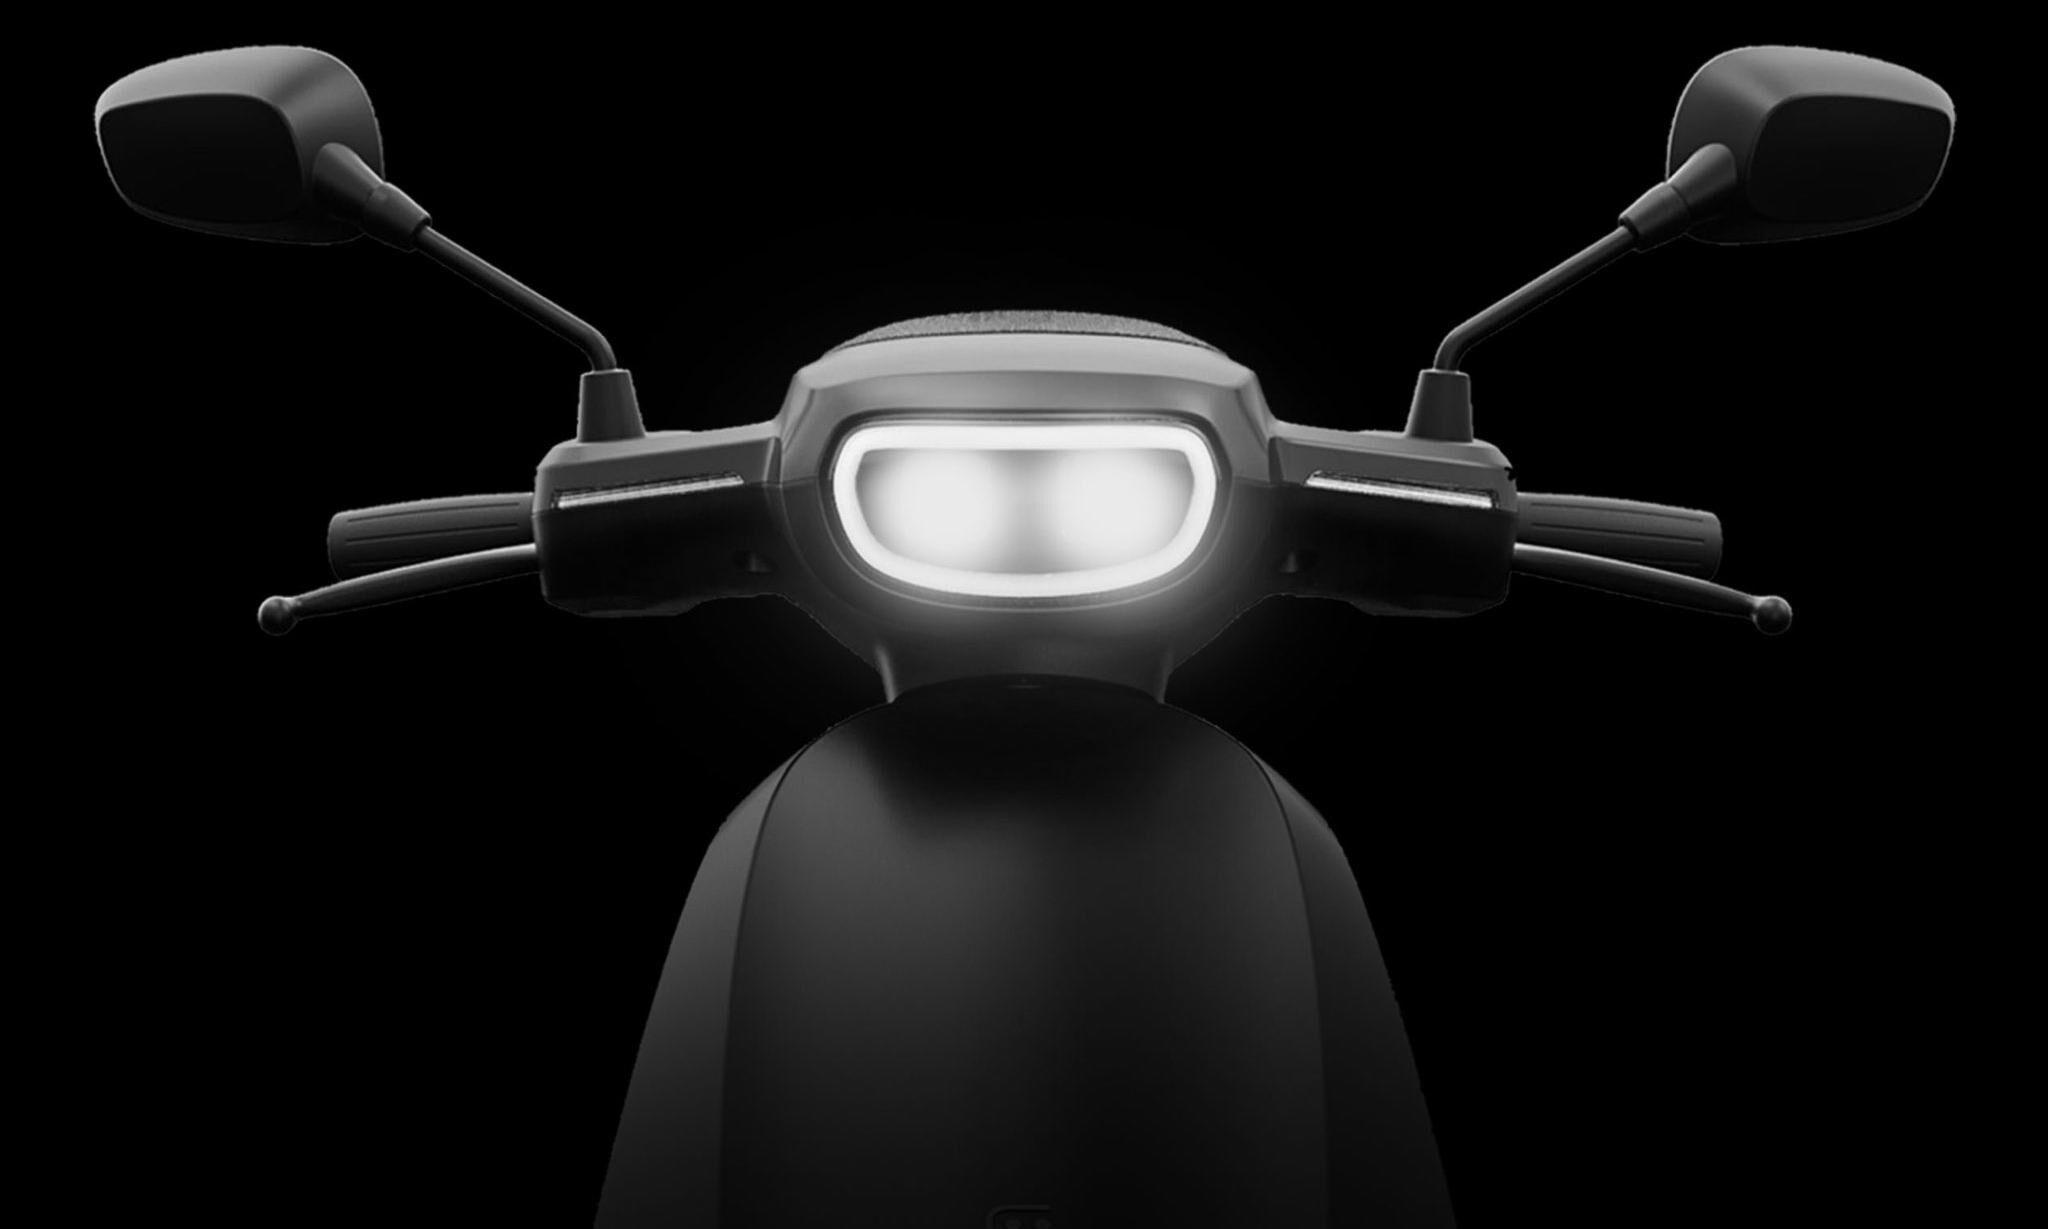 Ola Electric : बुकिंग शुरू होने के 24 घंटों में 1 लाख लोगों ने रु. 499 में बुक किया Scooter